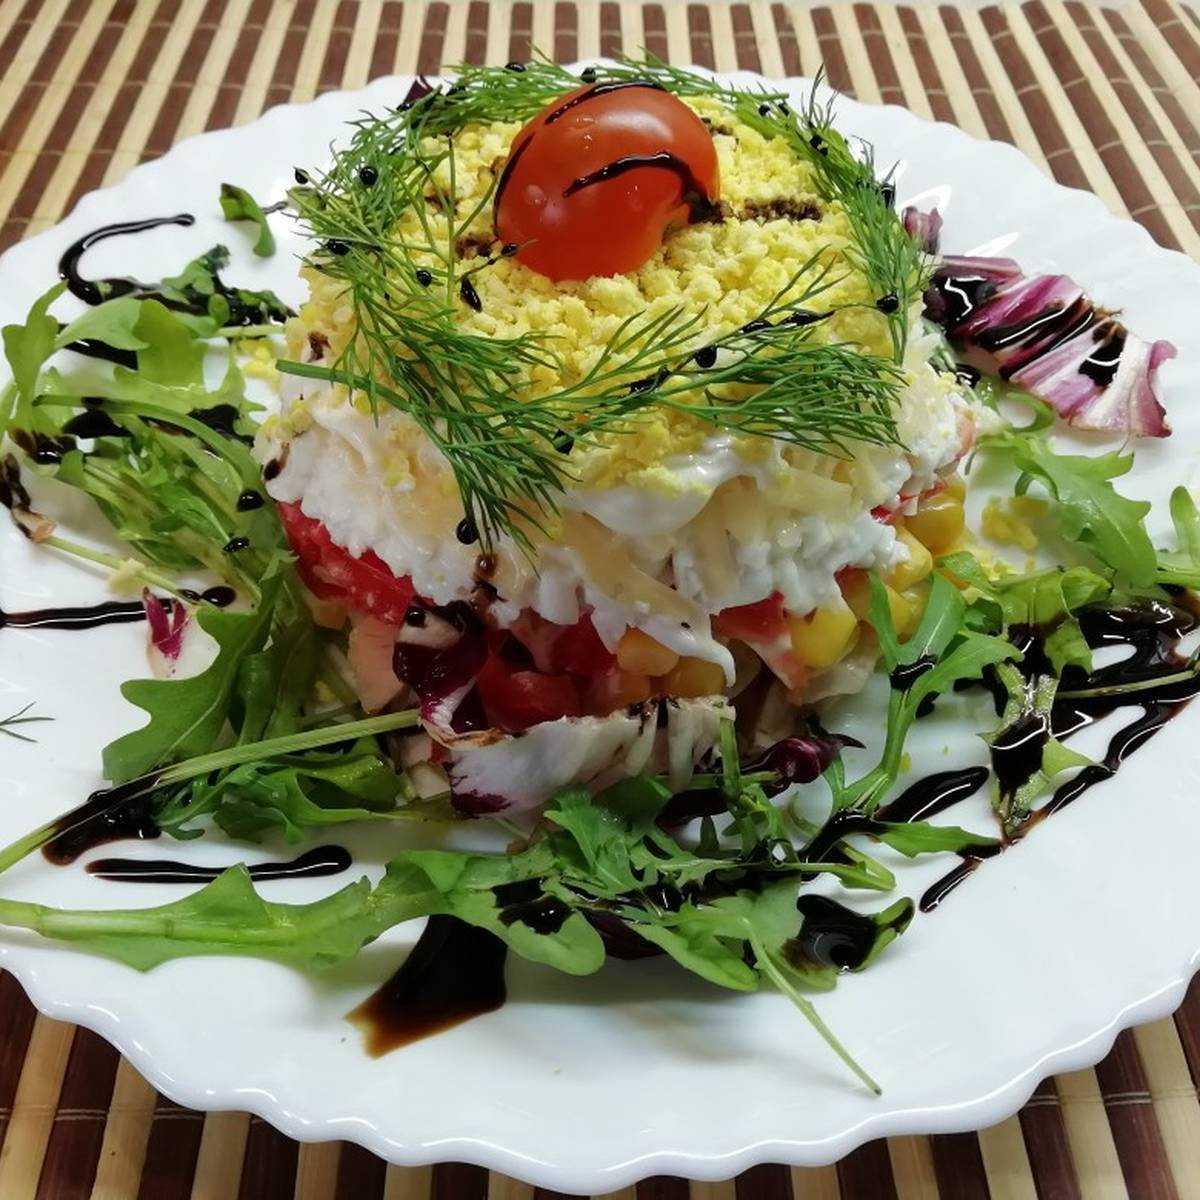 Салат с ветчиной и кукурузой. 7 вкуснейших вариантов быстрого салата к празднику